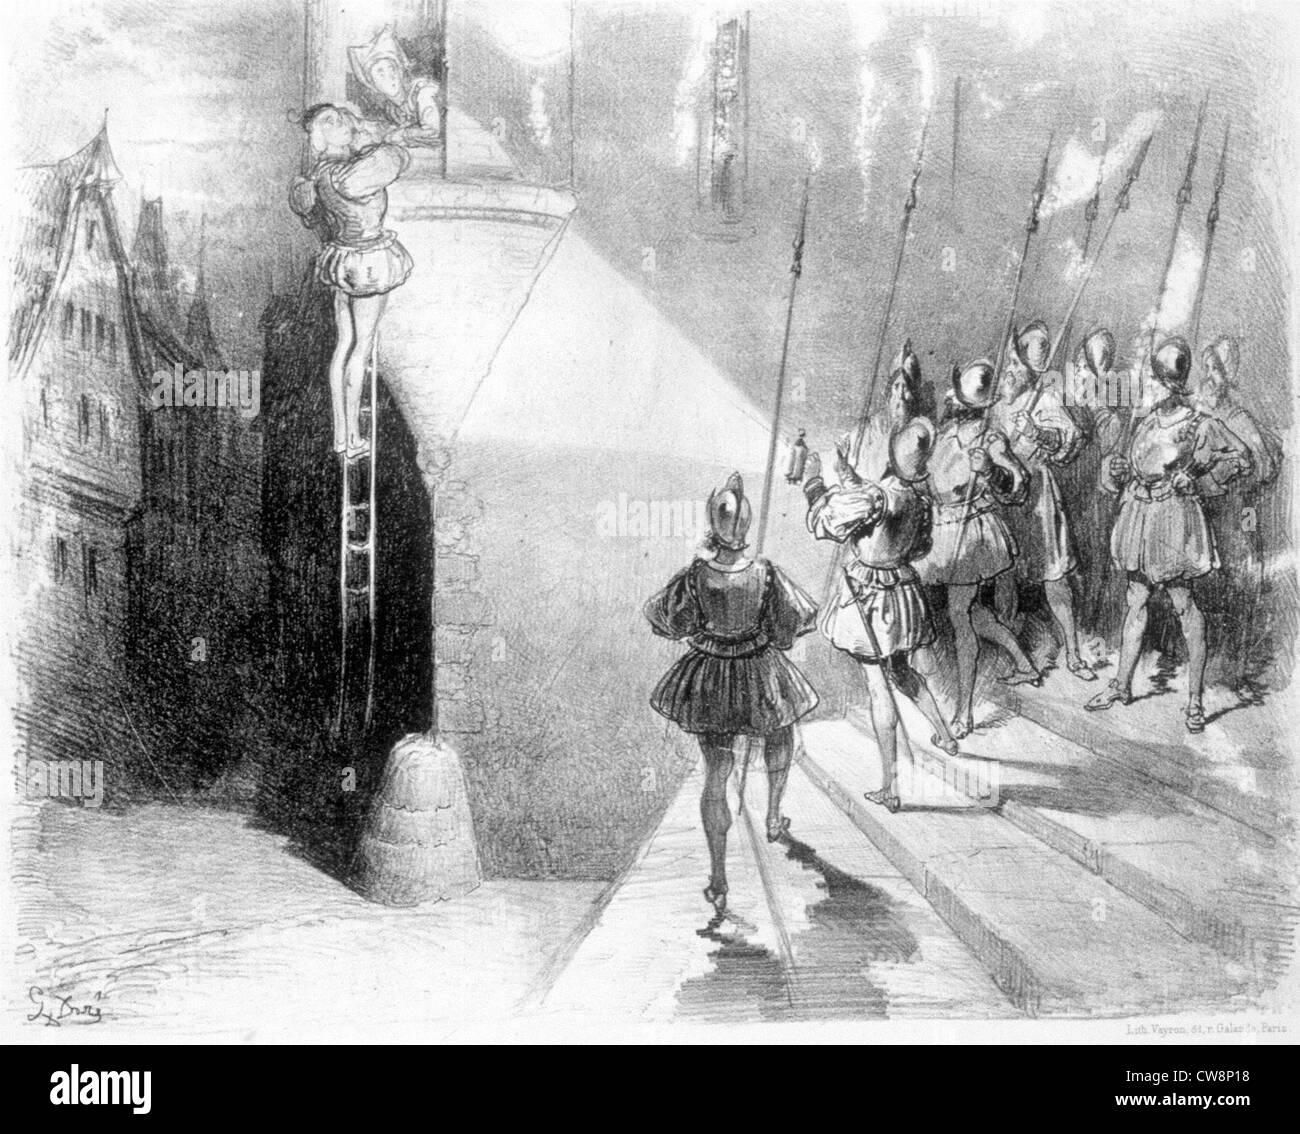 Lookout company dans le 16e siècle, illustration par Gustave Doré Photo Stock